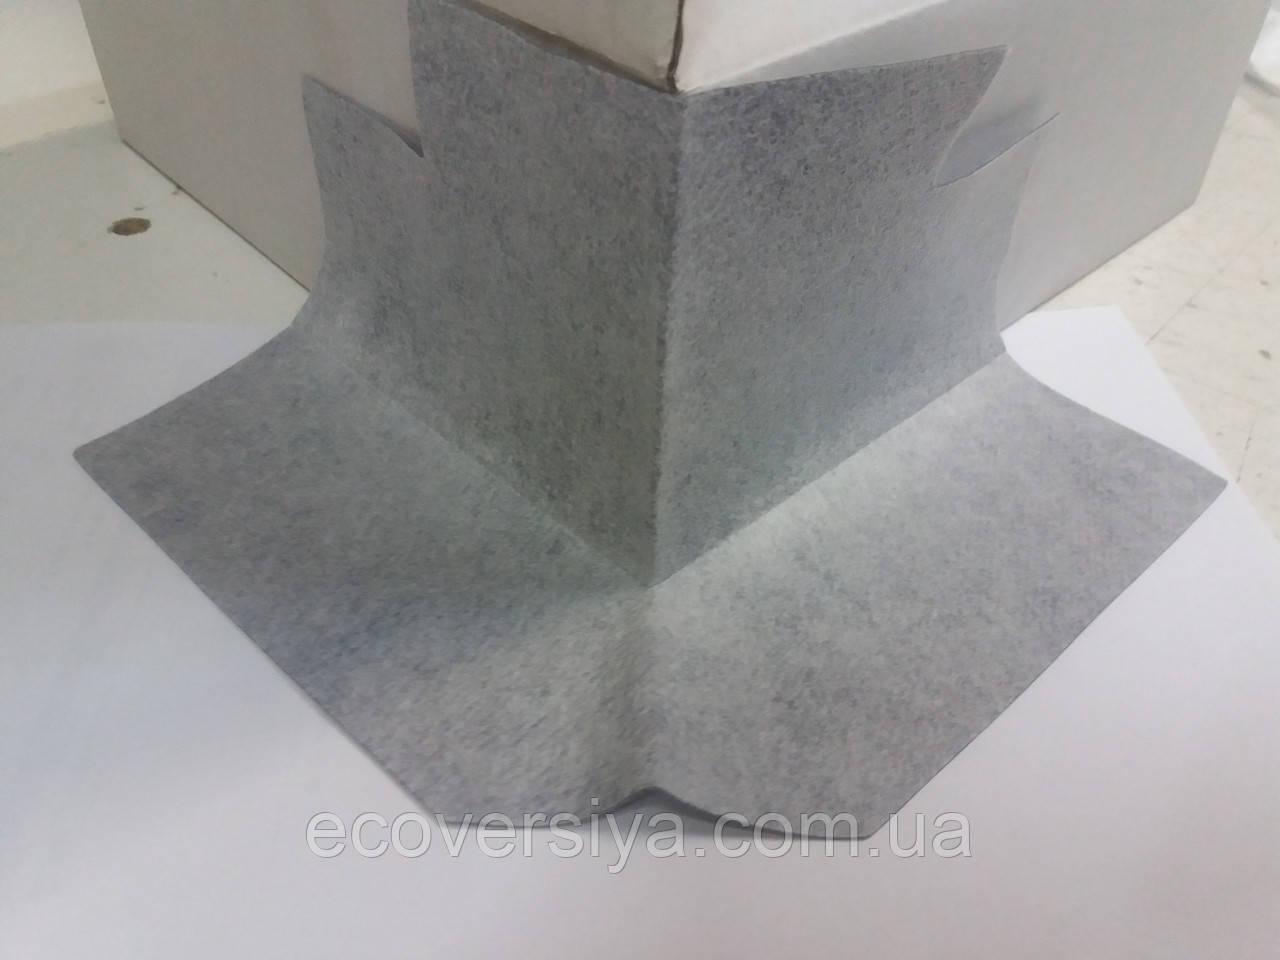 Угол уплотнительный для гидроизоляции